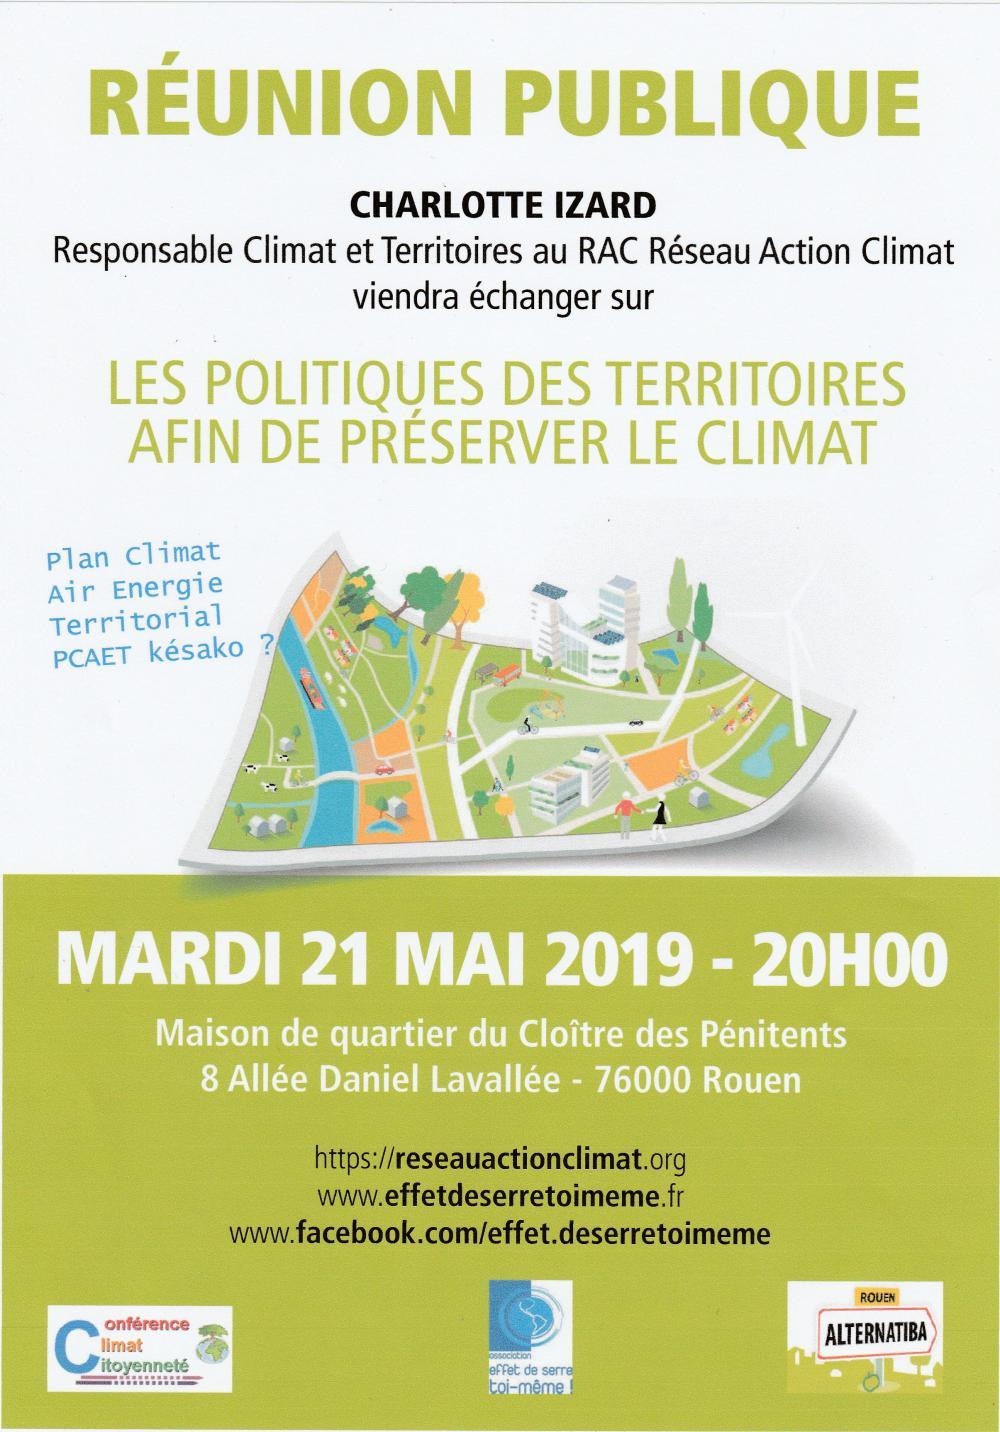 Les alternatives territoriales pour sauver le climat, rencontre-débat à Rouen (Seine-Maritime)